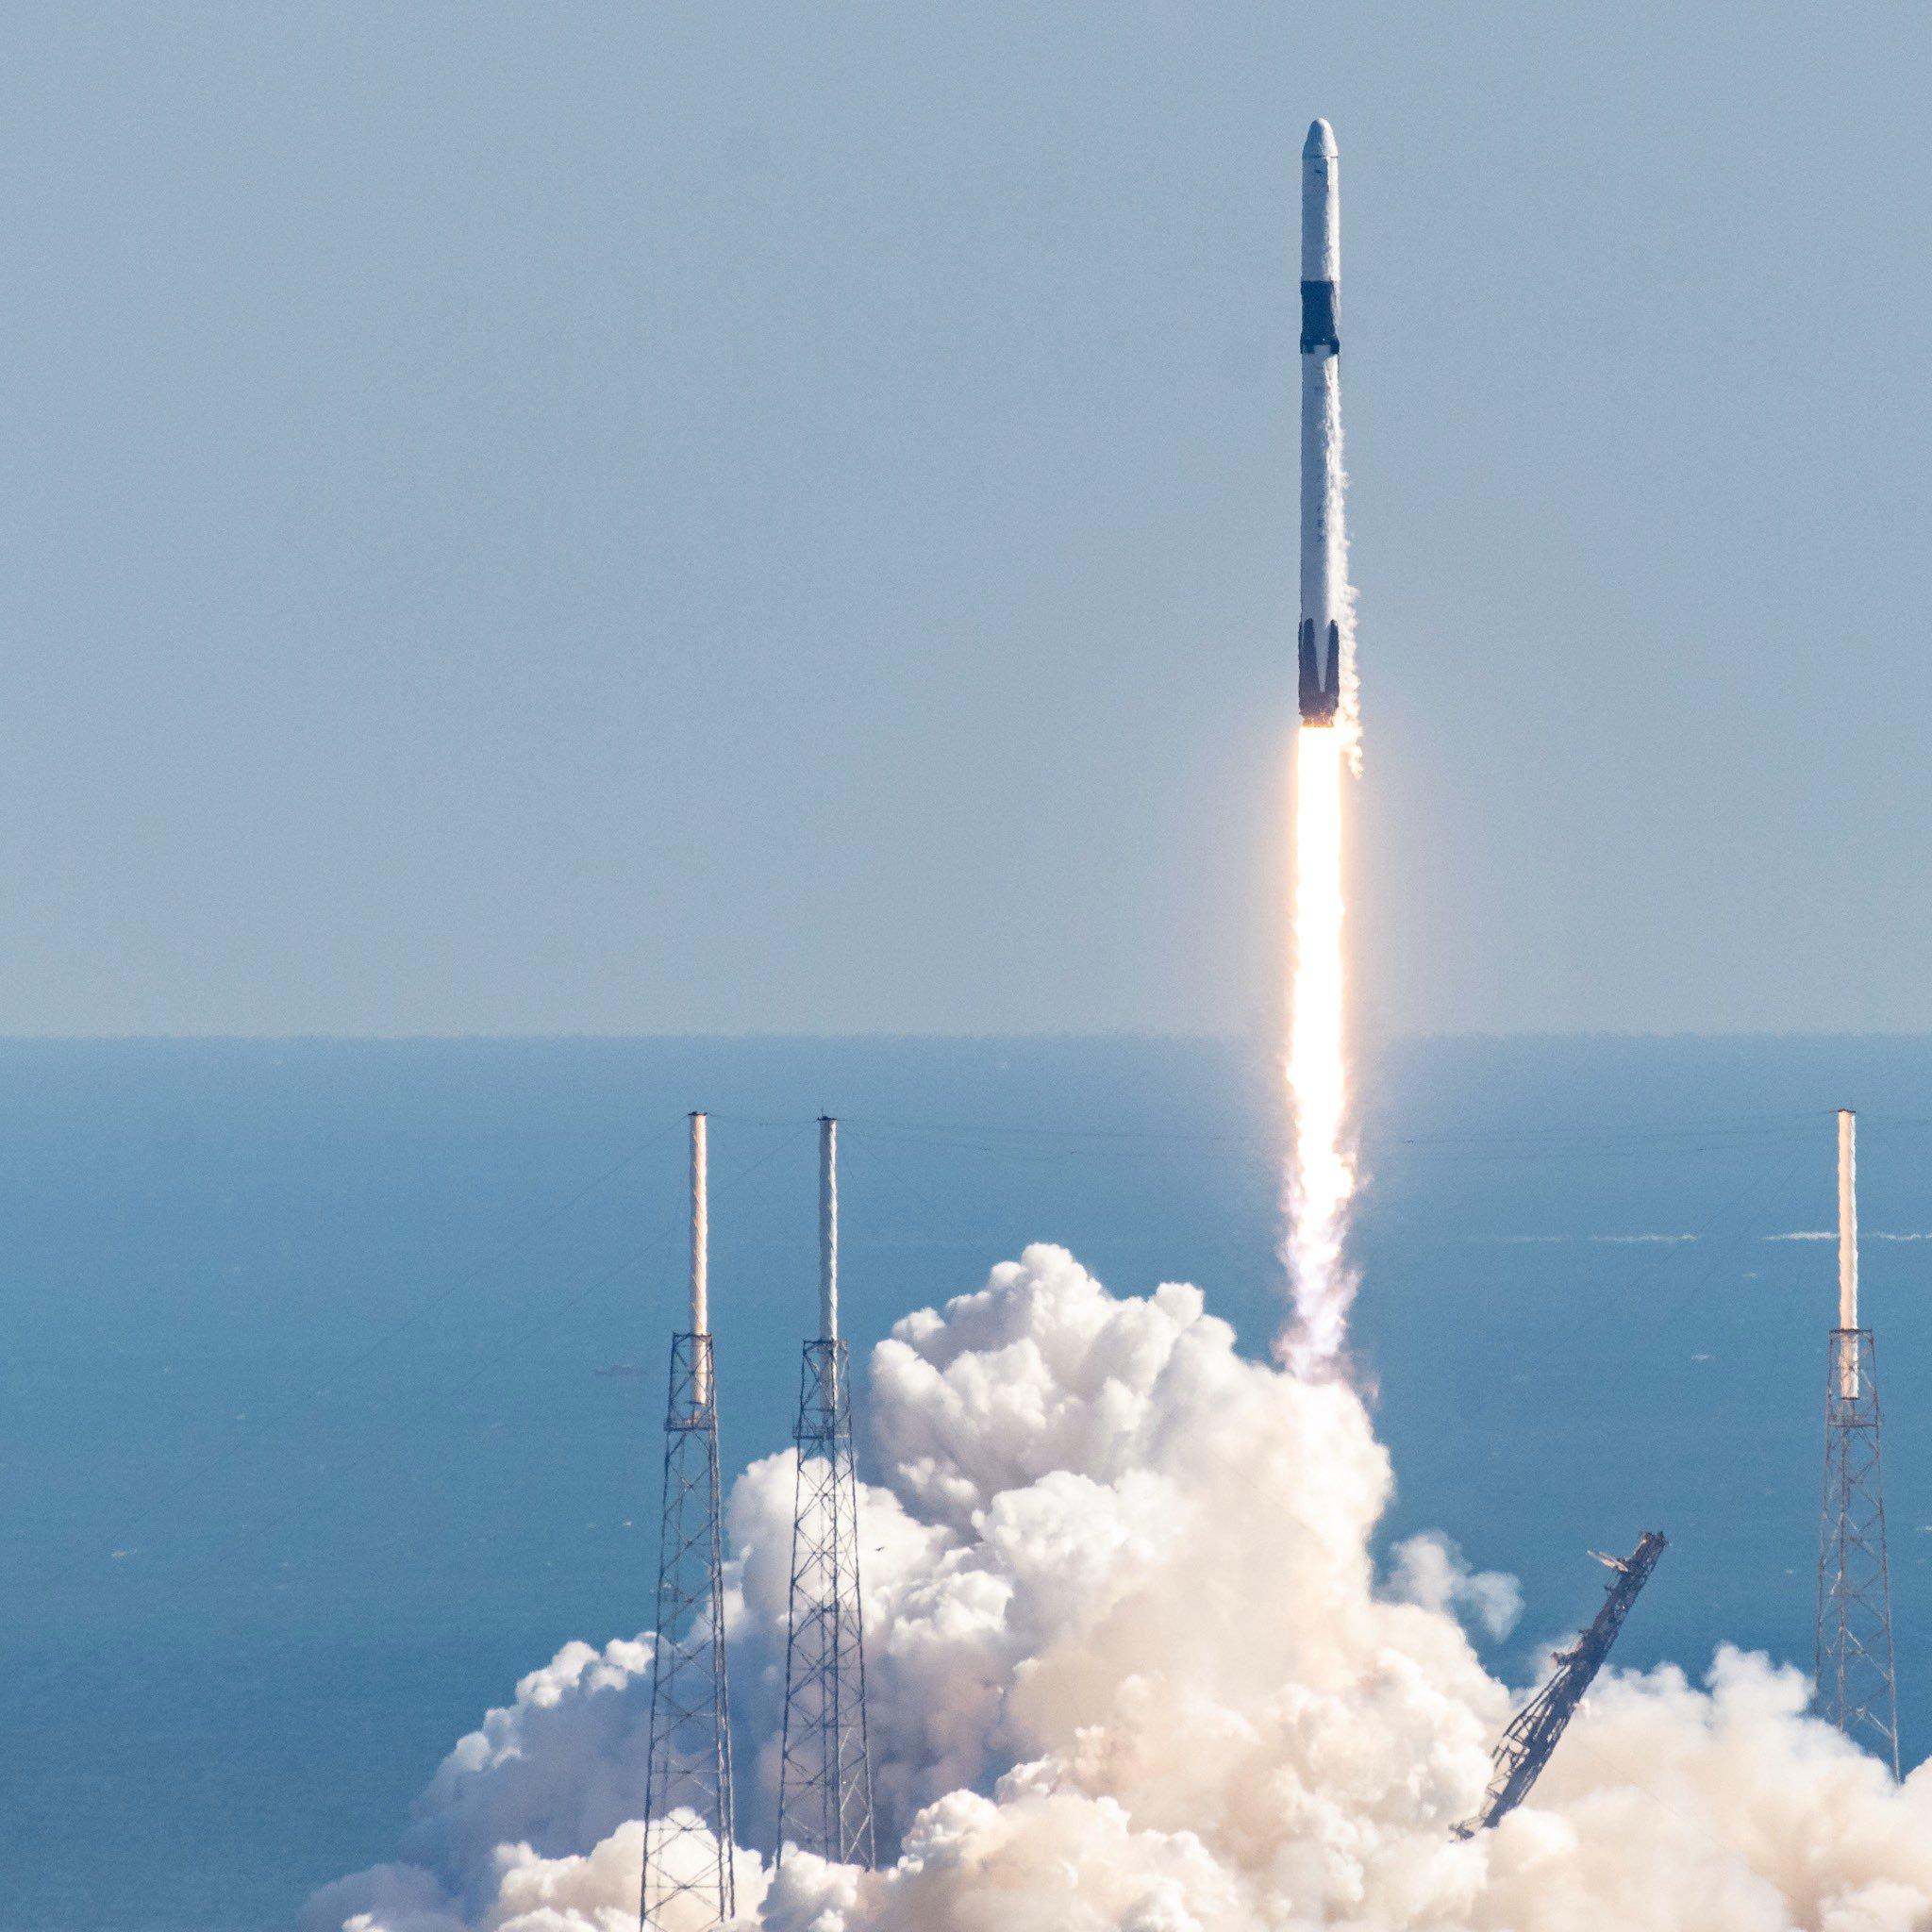 Figure 1: Lansarea rachetei Falcon 9 cu capsula Dragon CRS-19 spre Stația Spațială Internațională (Sursă foto: John Kraus)